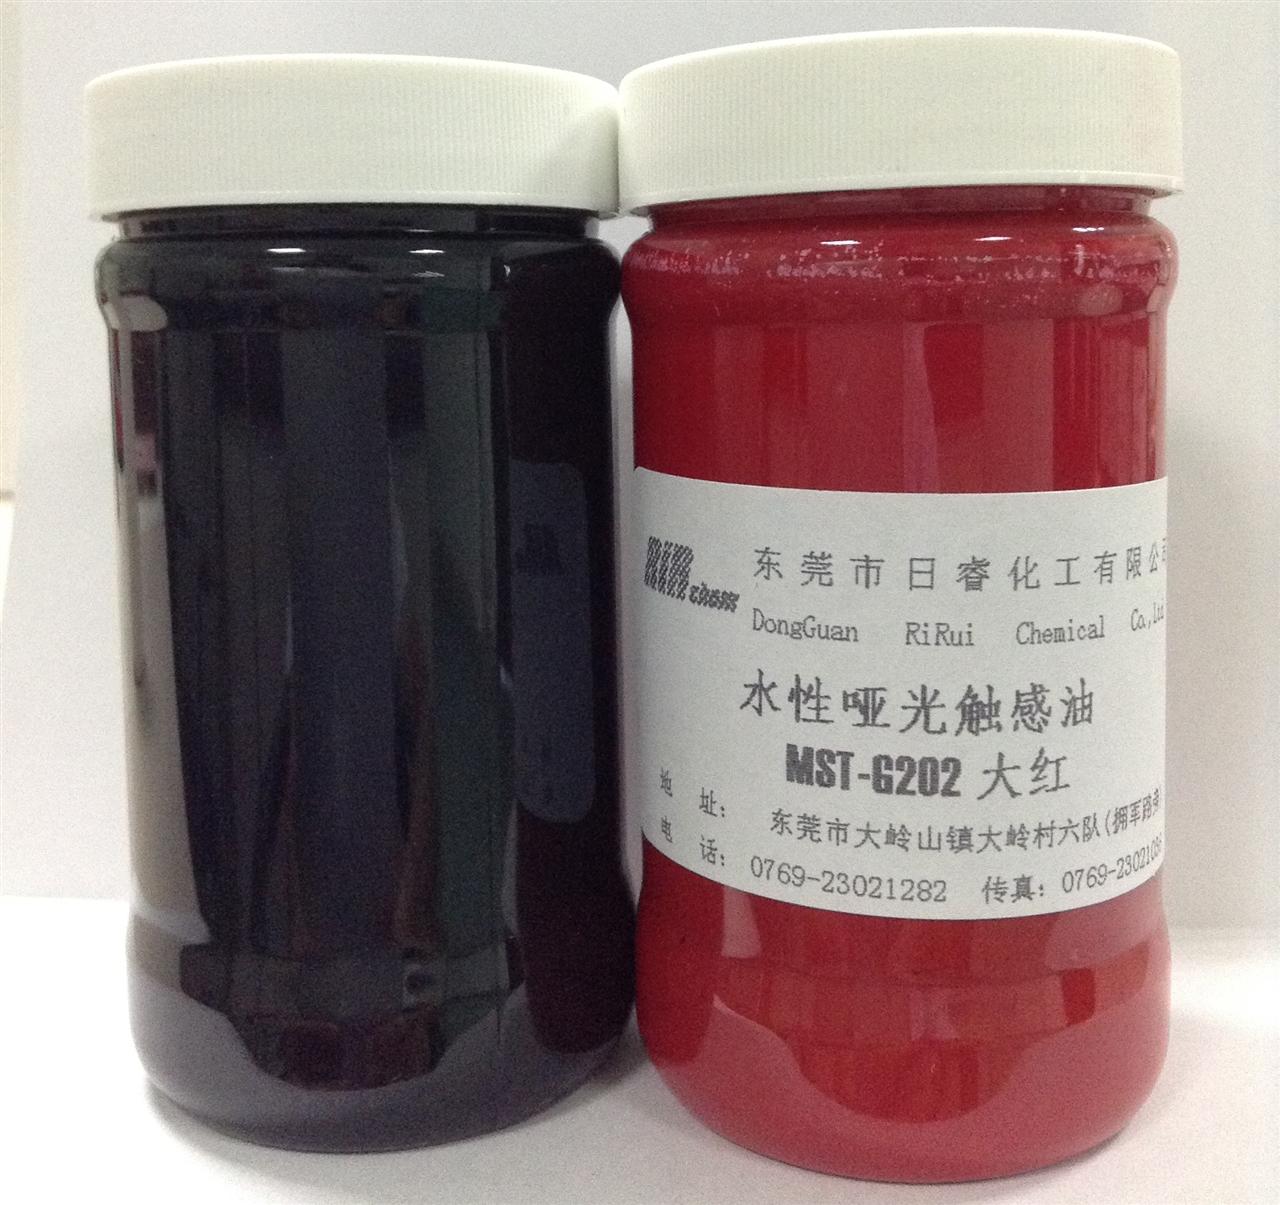 水性哑光触感油 MST-G202 大红